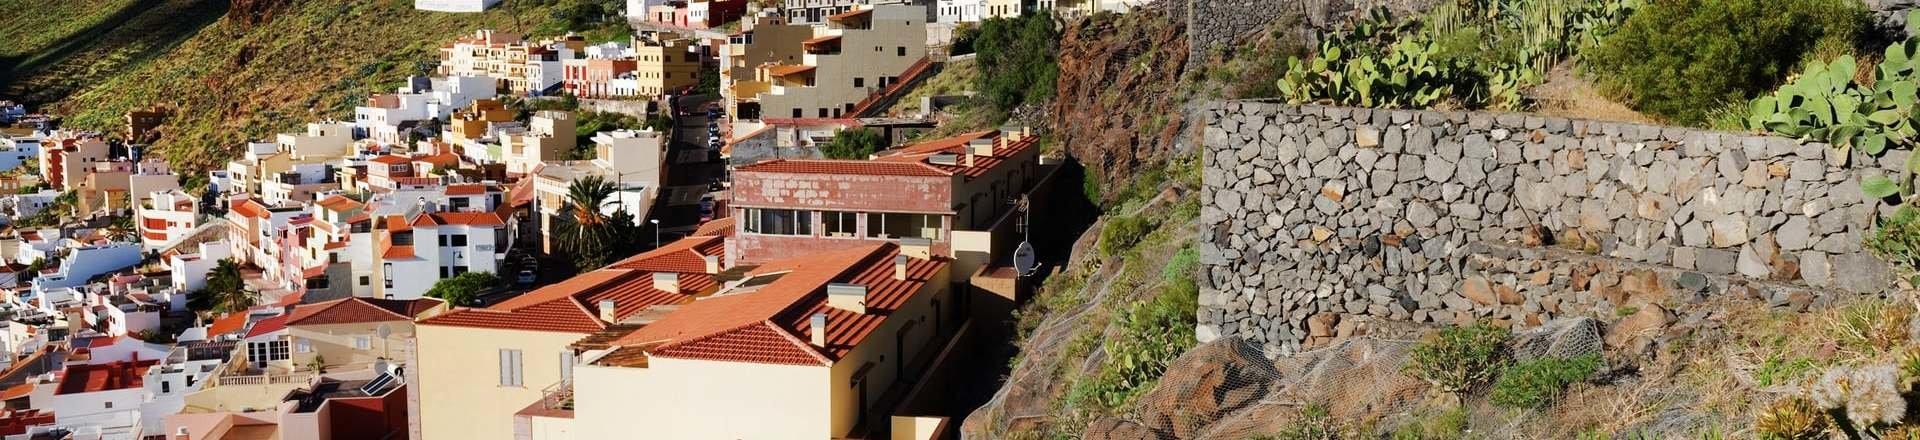 Hoteles m s reservados en san sebastian de la gomera for Hoteles con piscina en san sebastian